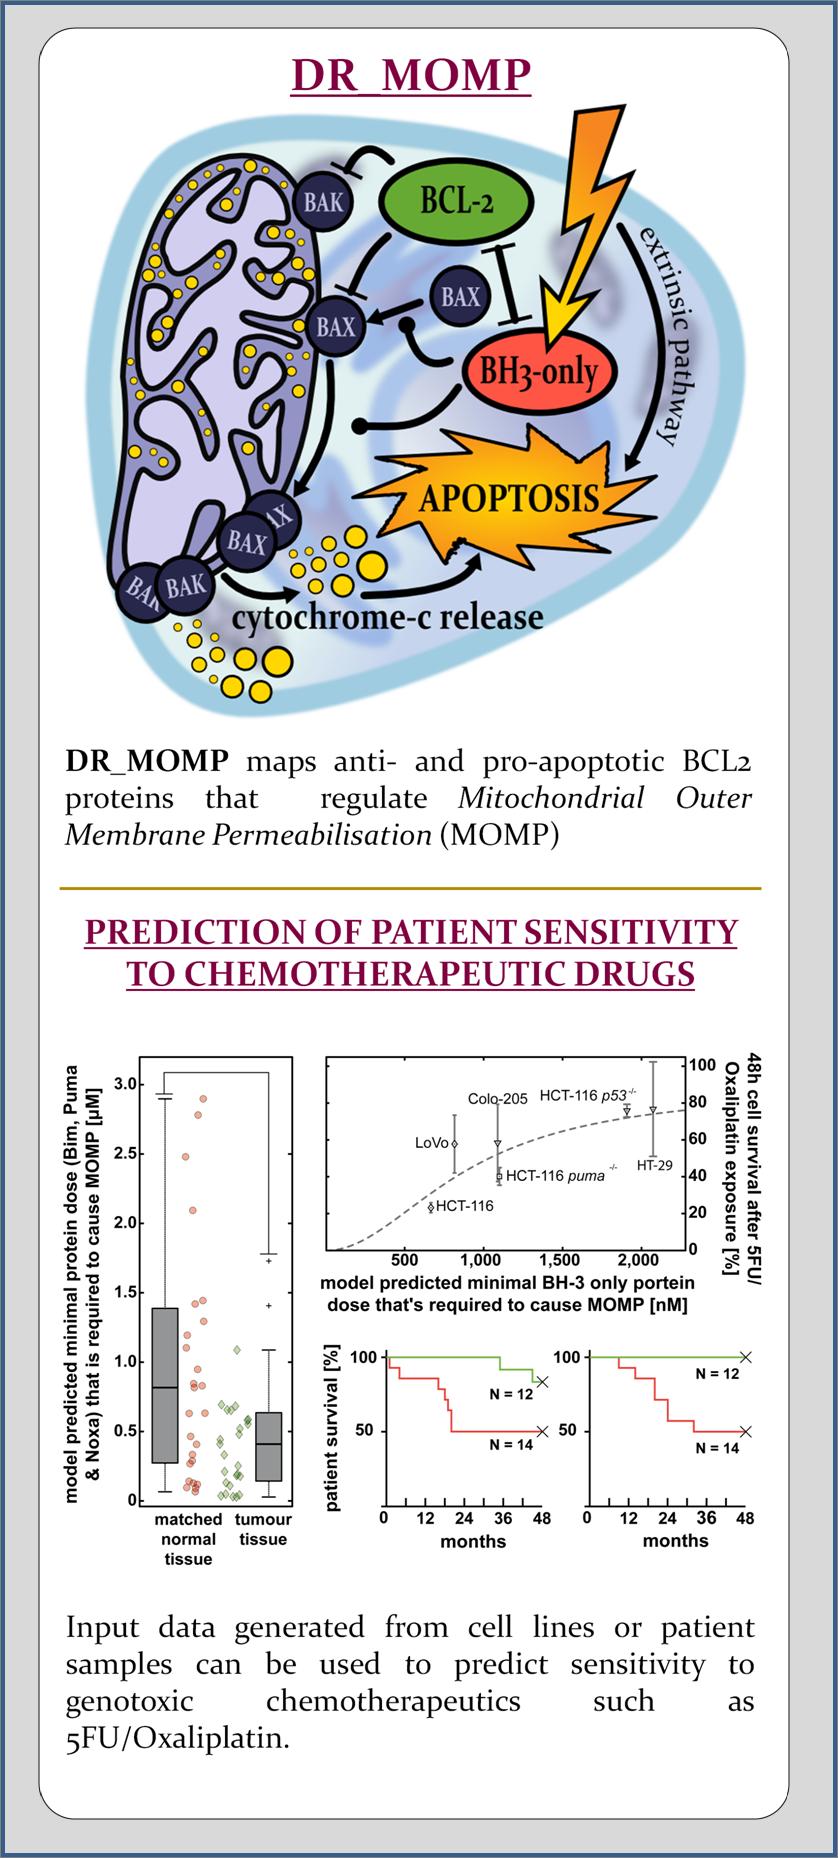 Dose-Response Medicinal Outcome Model Predictor